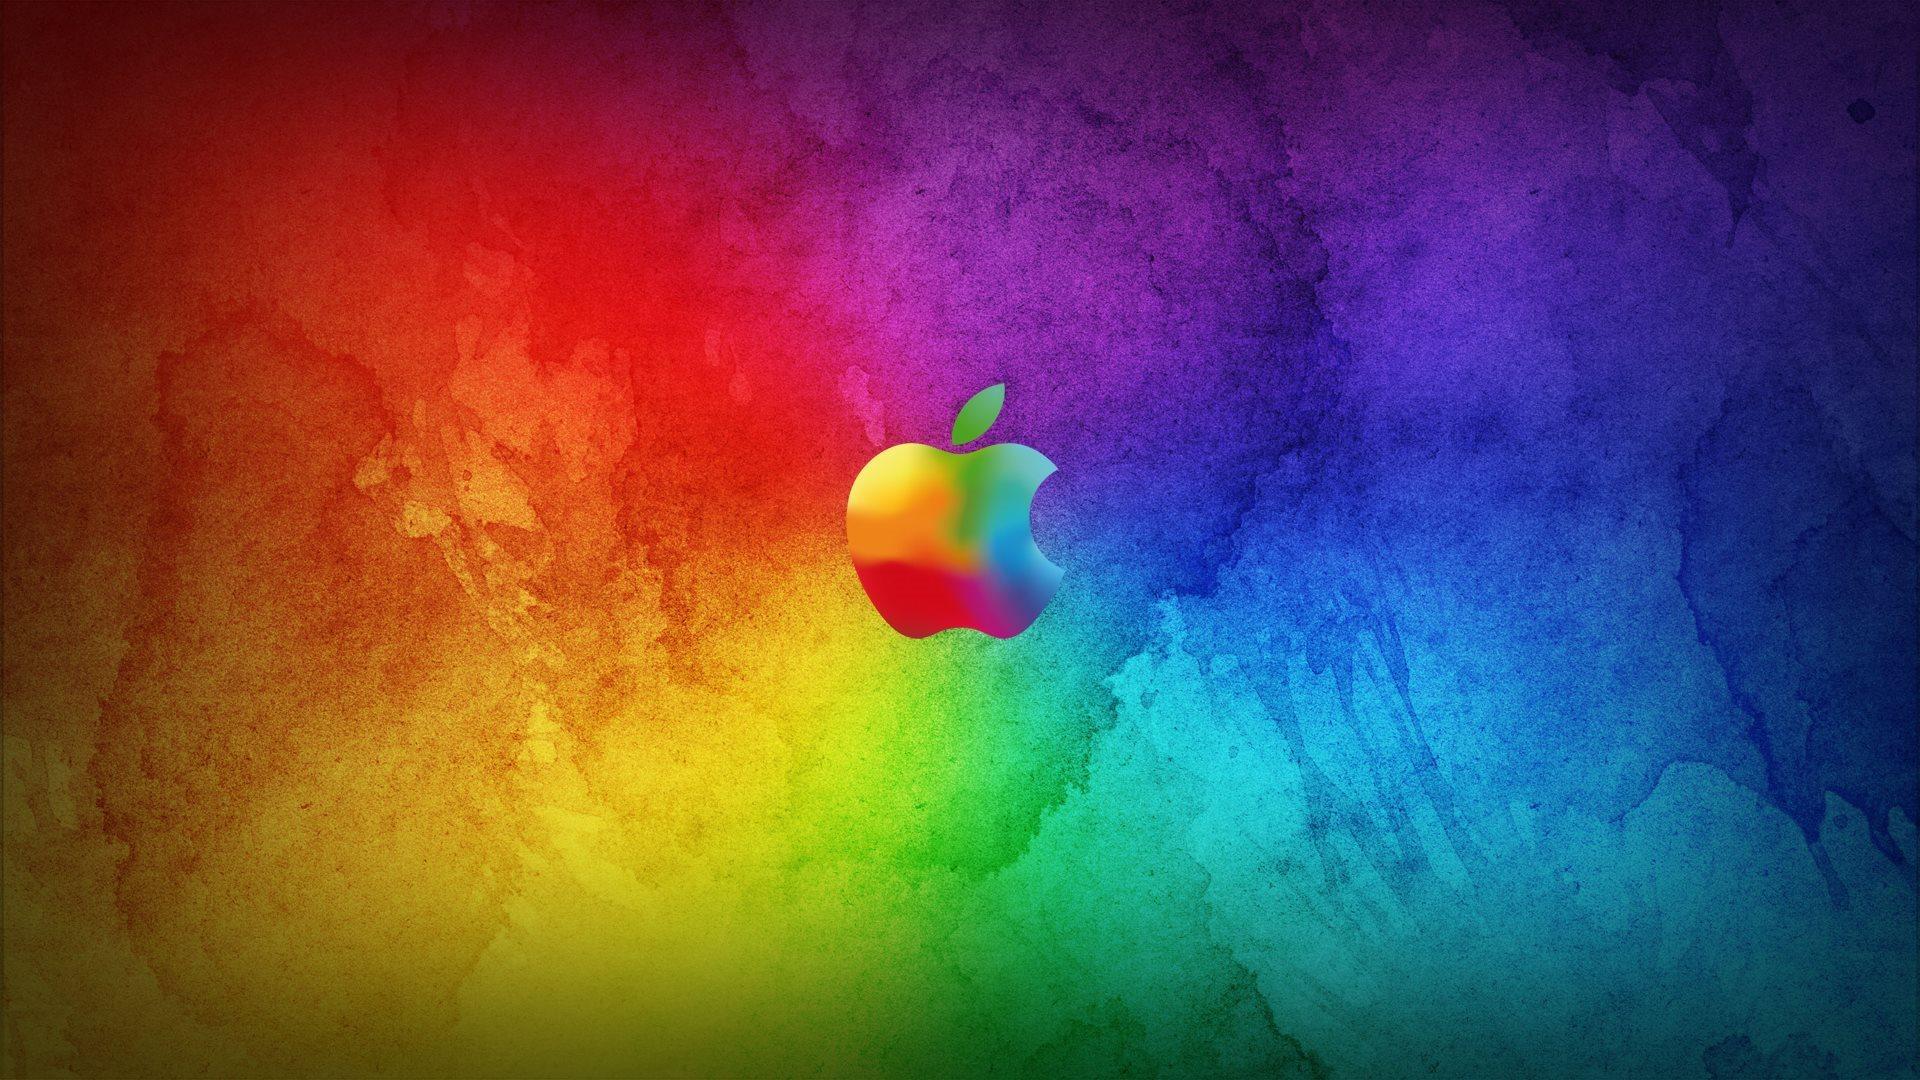 apple desktop wallpapers hd hd wallpaper